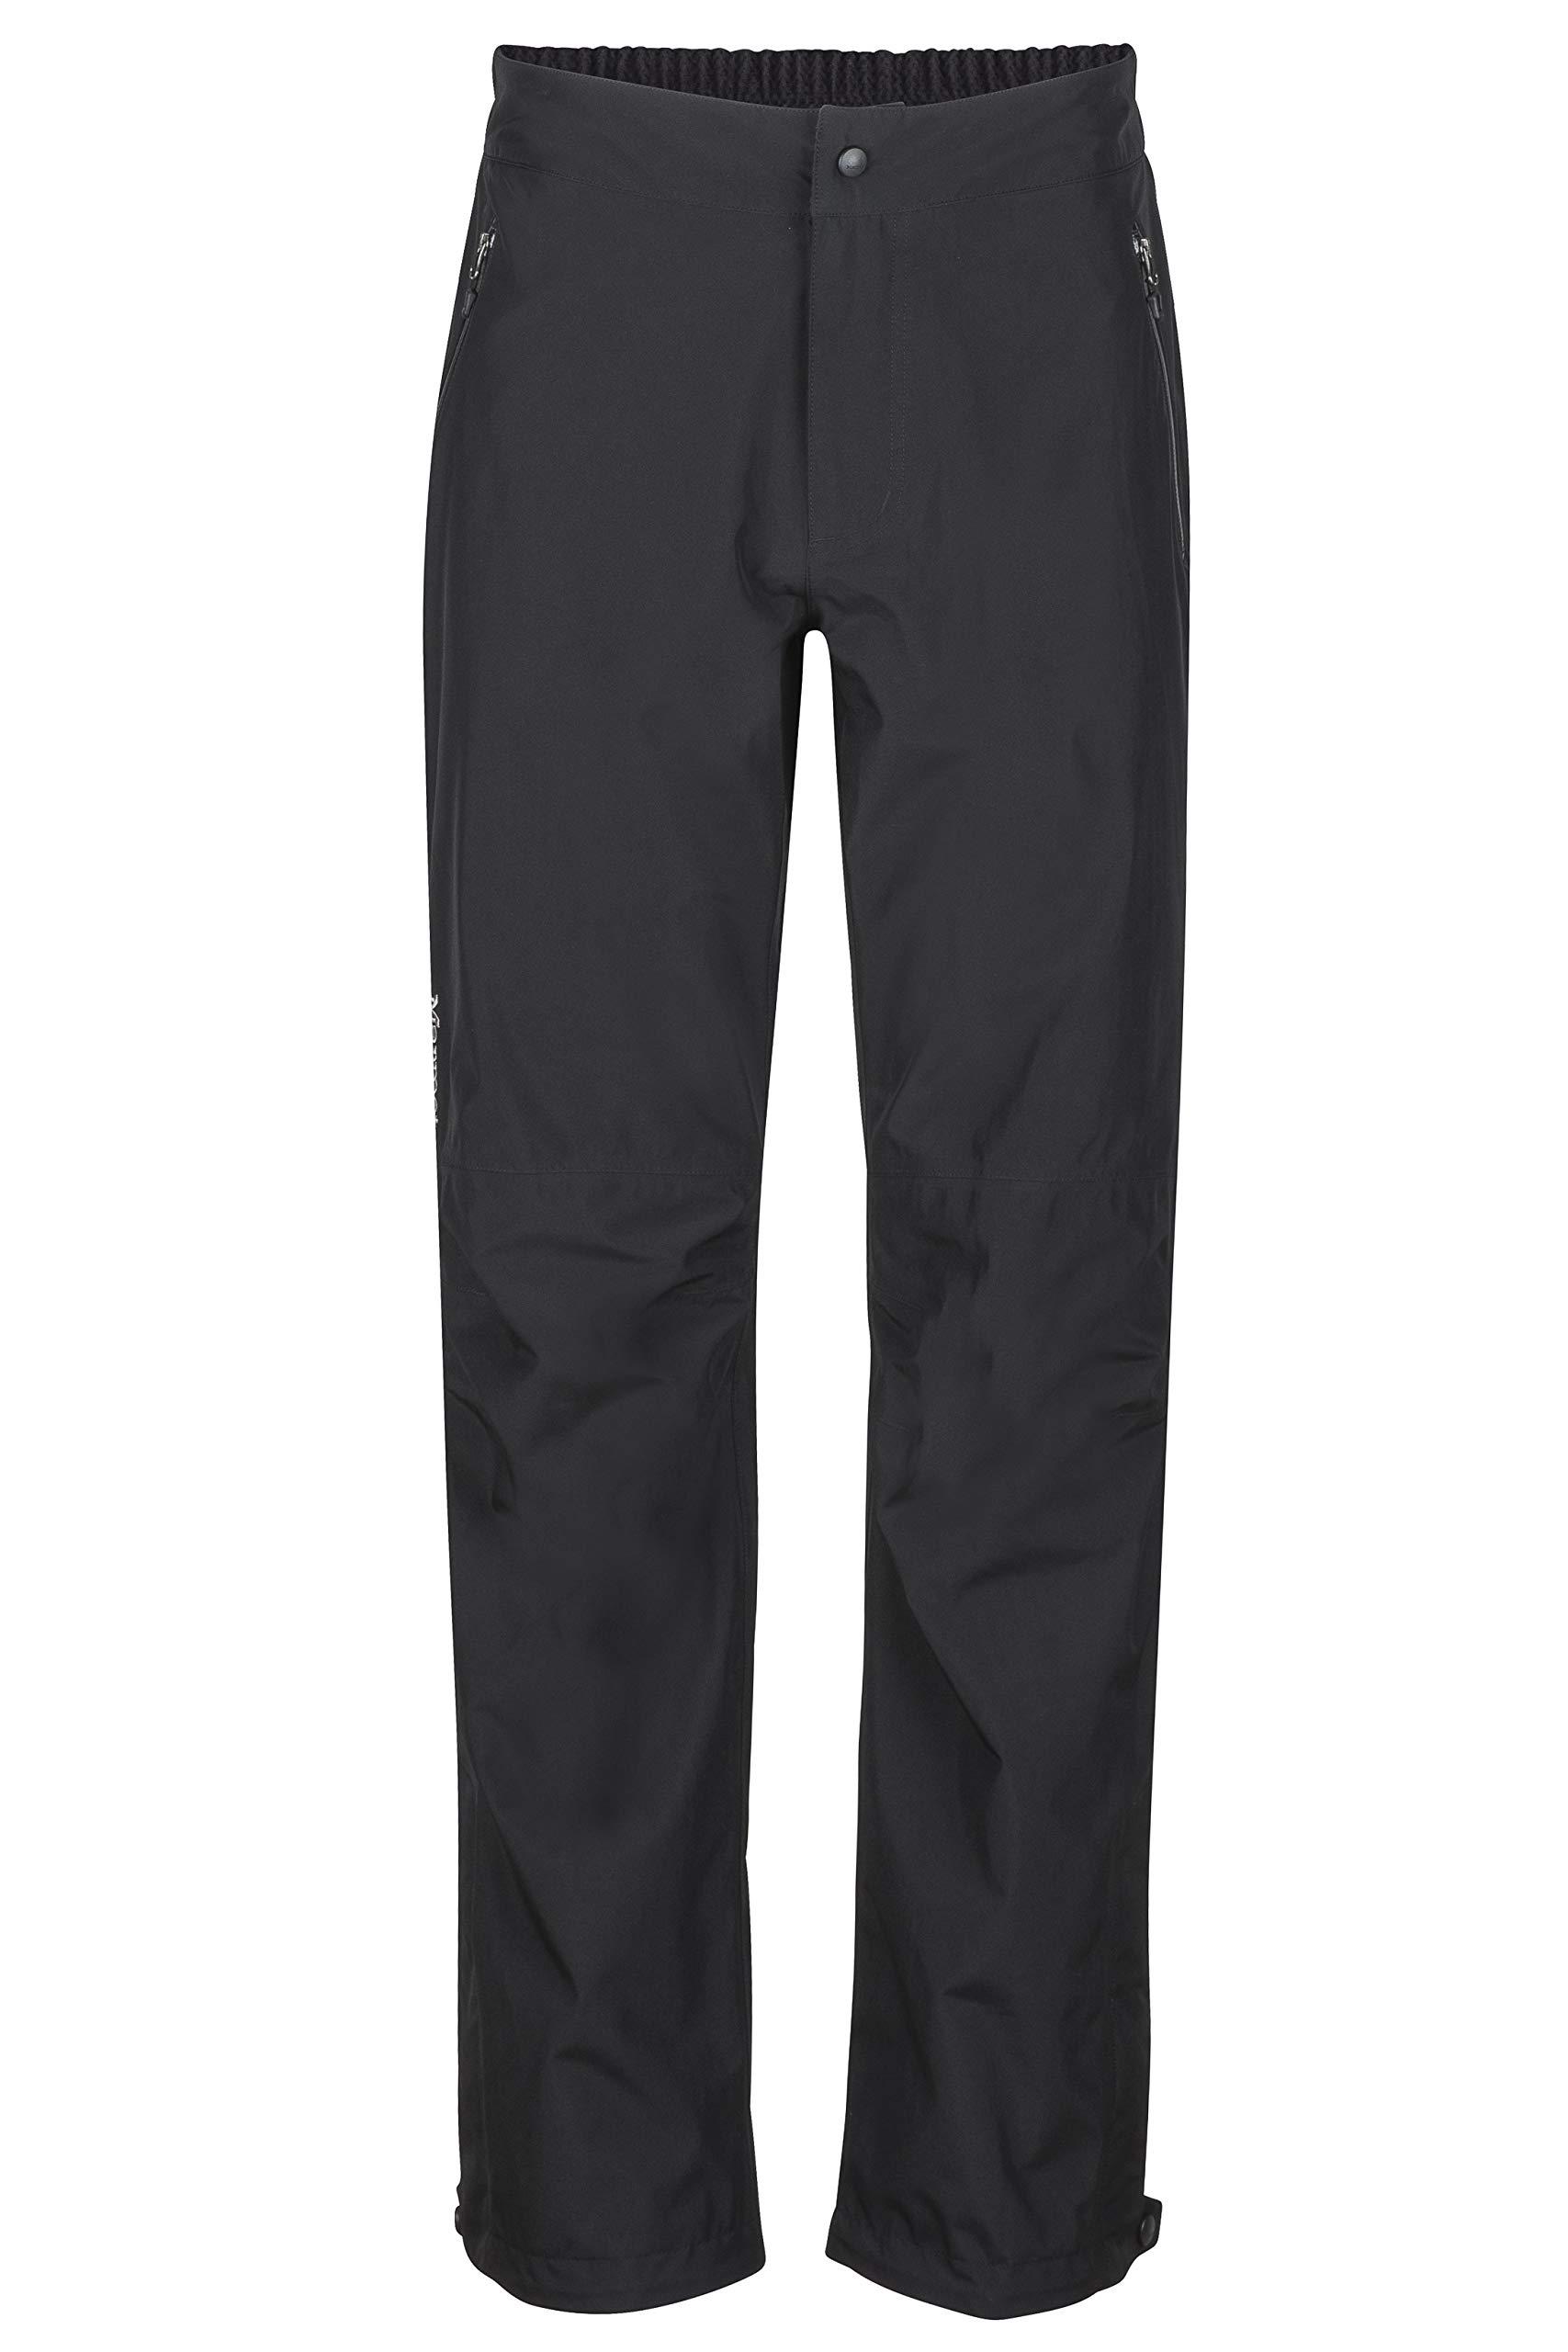 Marmot Men's Minimalist Pant, Black, X-Large